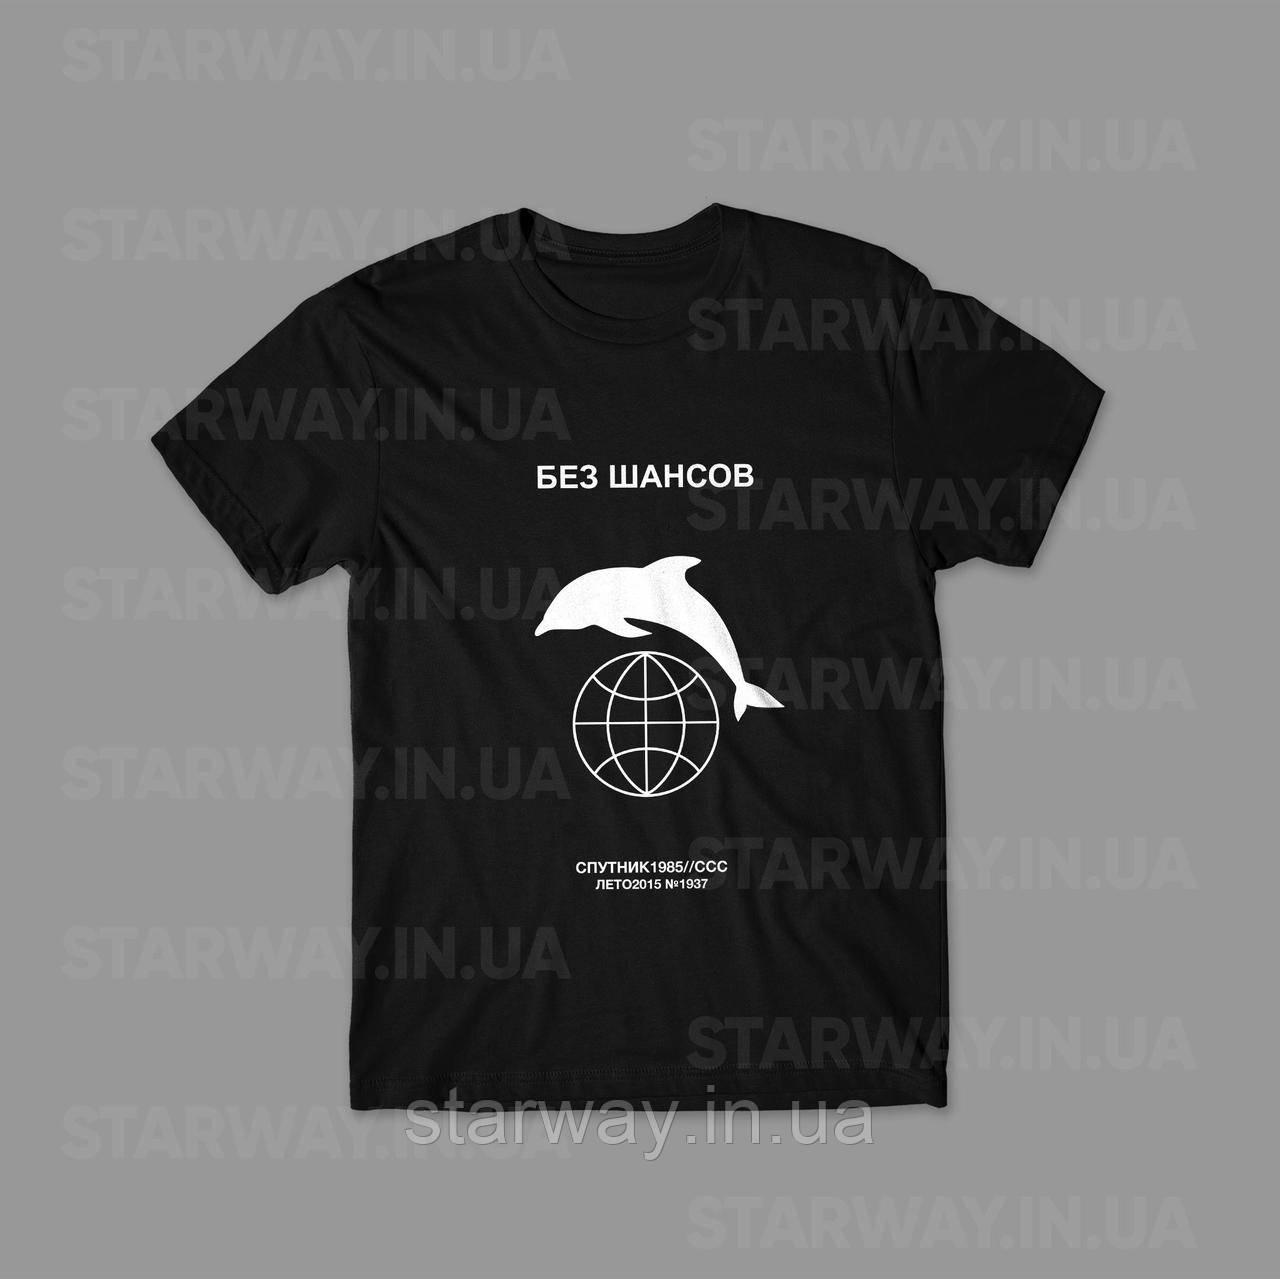 Футболка стильная Спутник 1985 без шансов лого